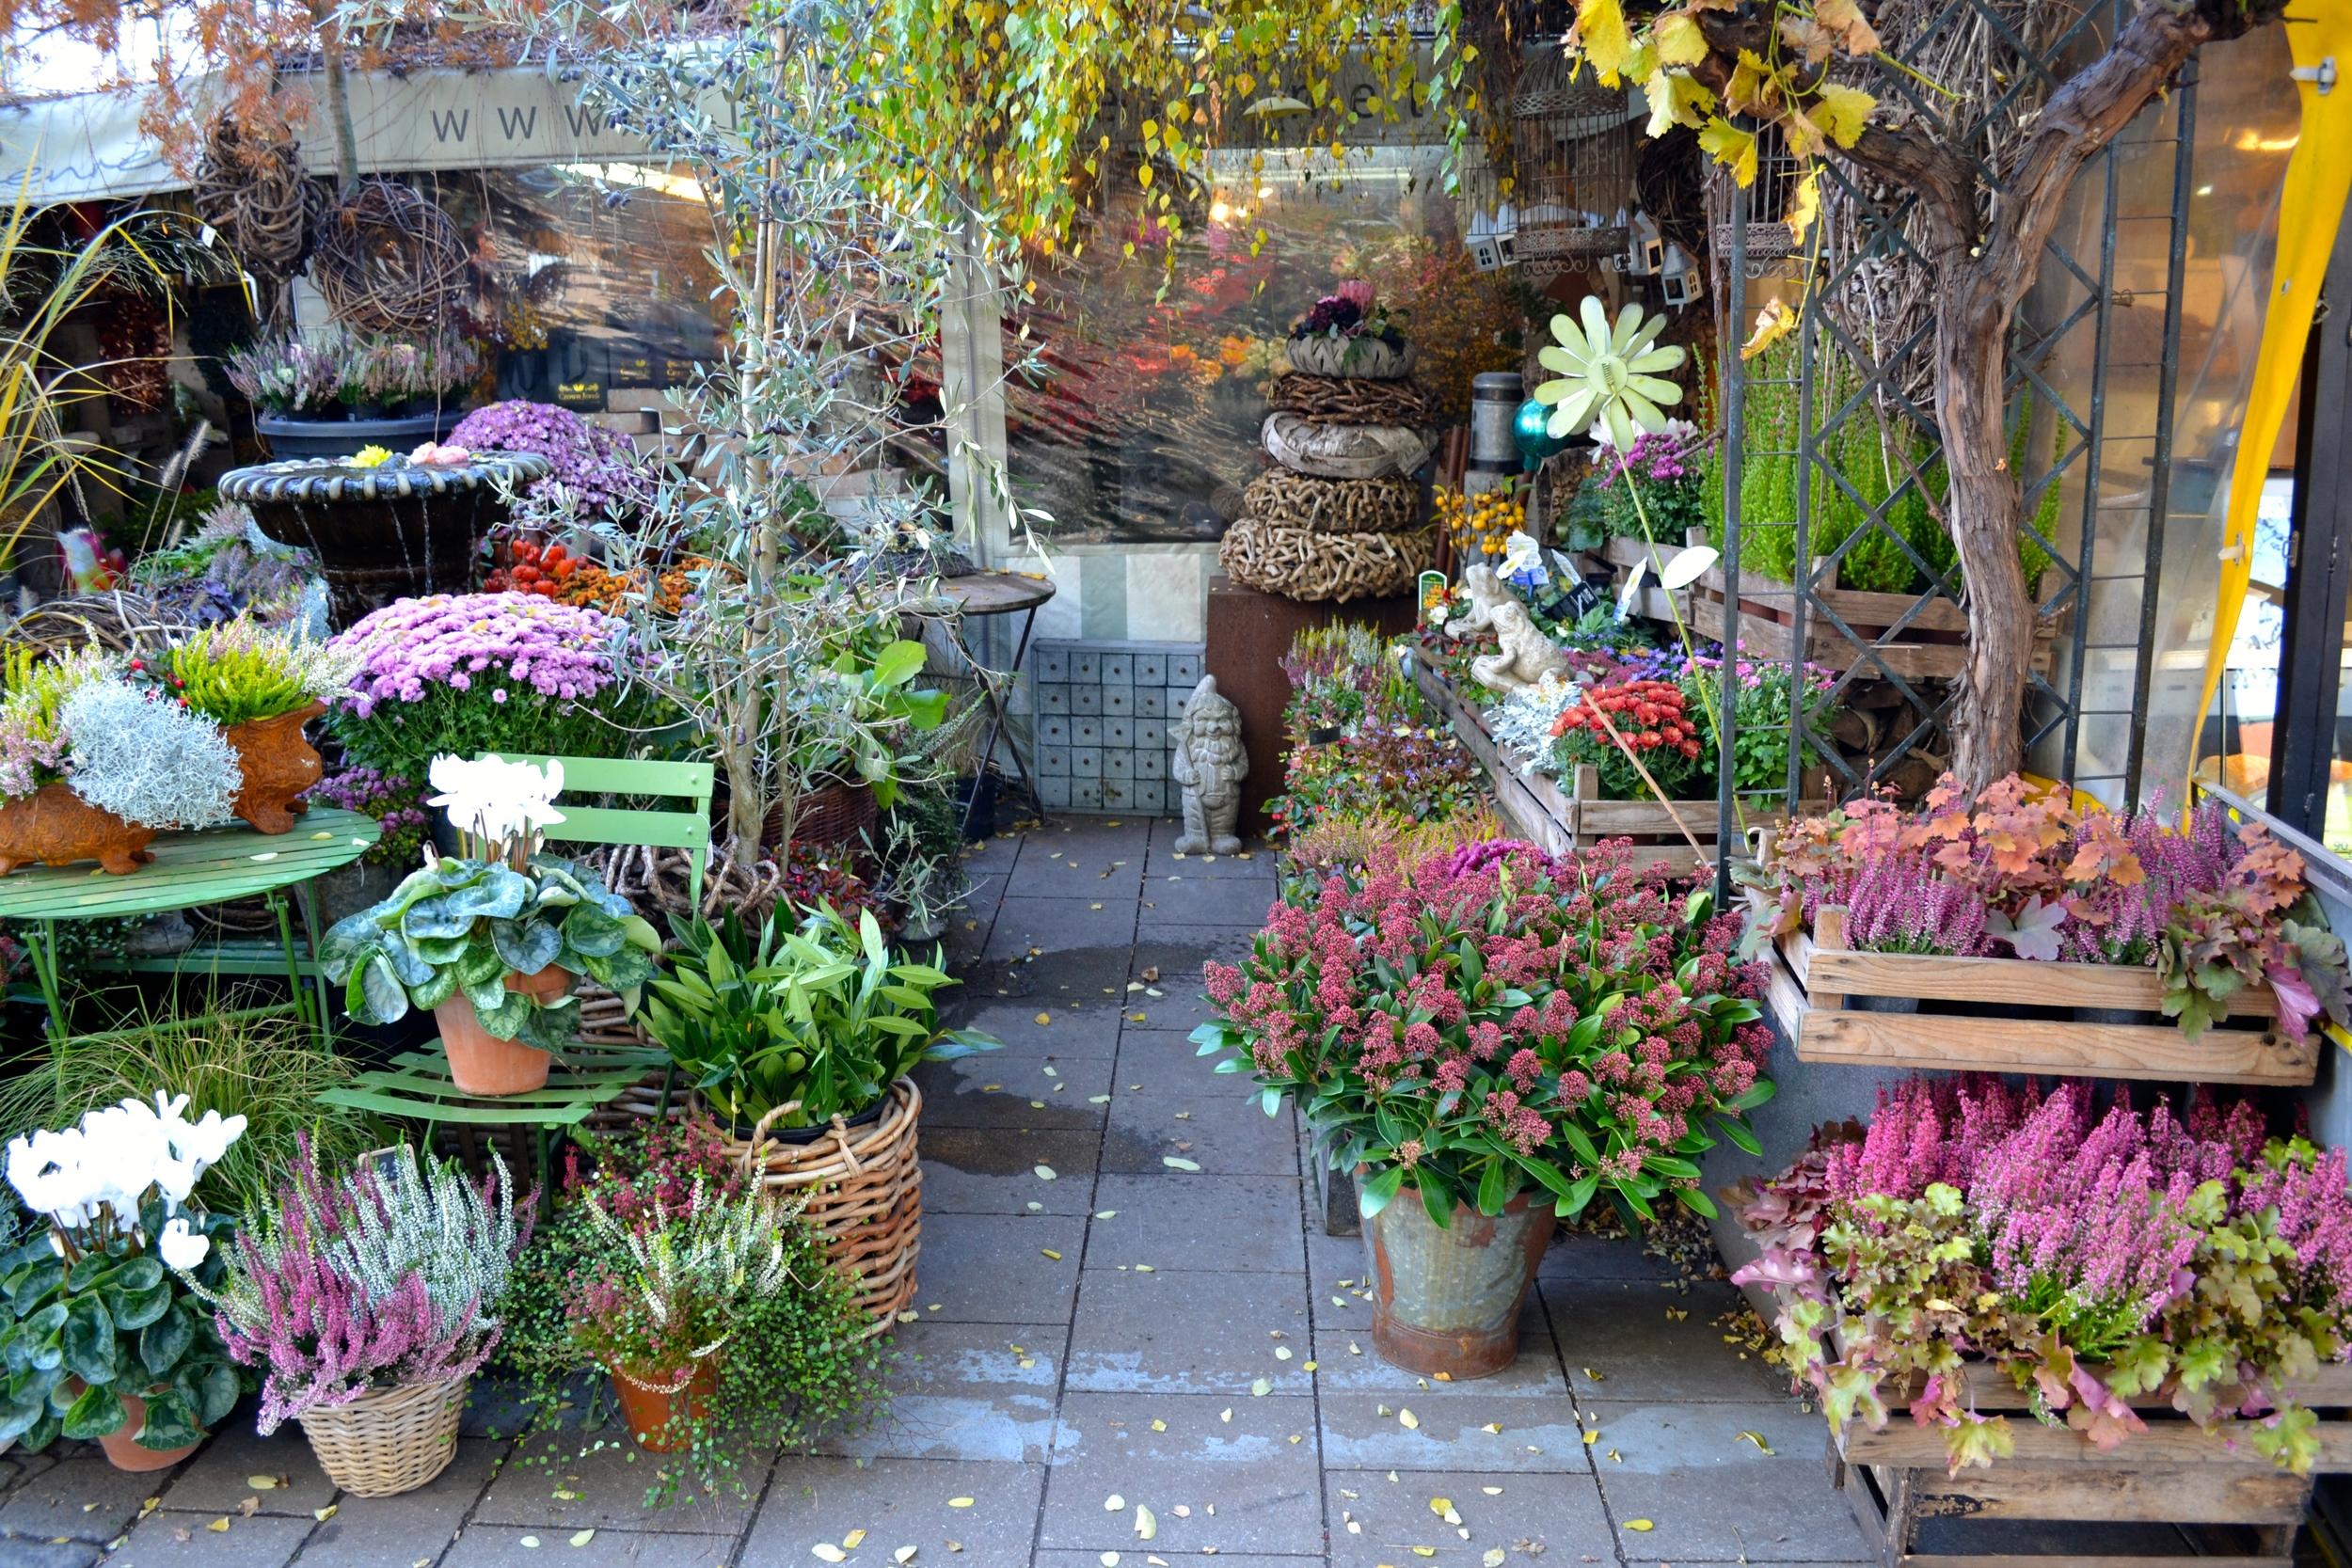 market-florist-munich-town-square